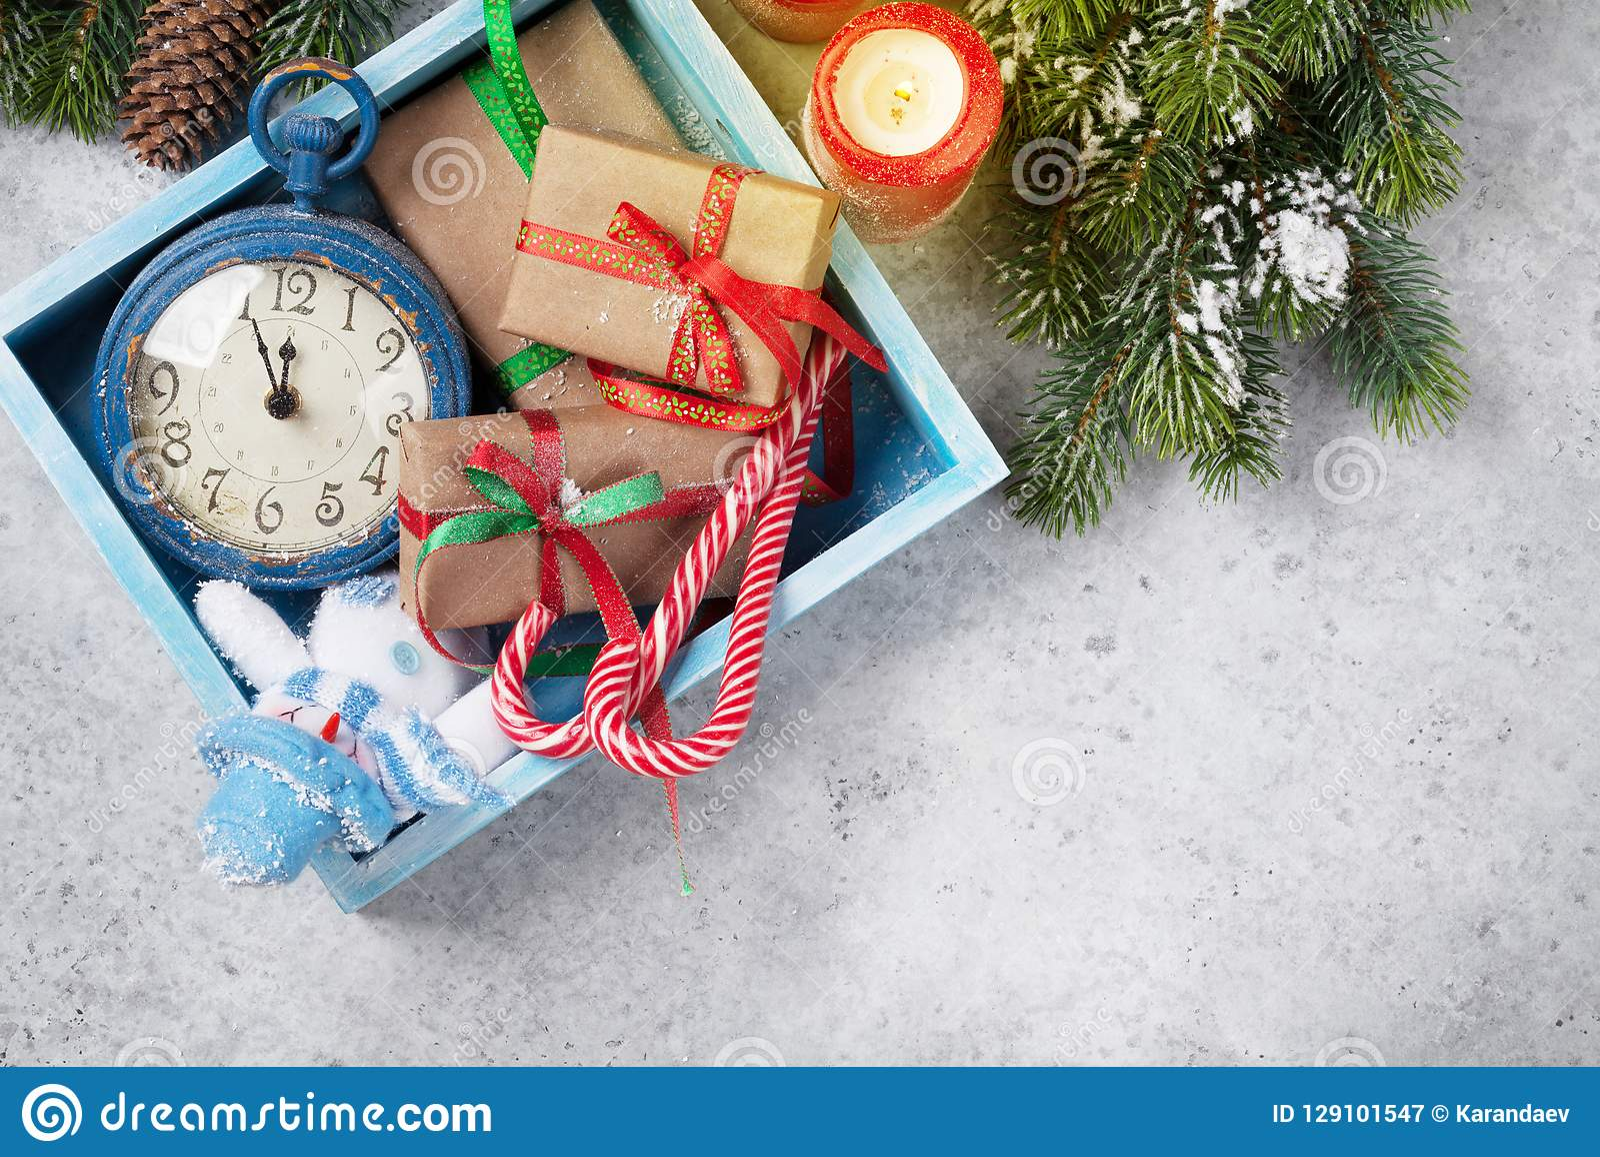 Christmas Decor Box Gift Boxes Candles Stock Image Image Of Celebration Season 129101547